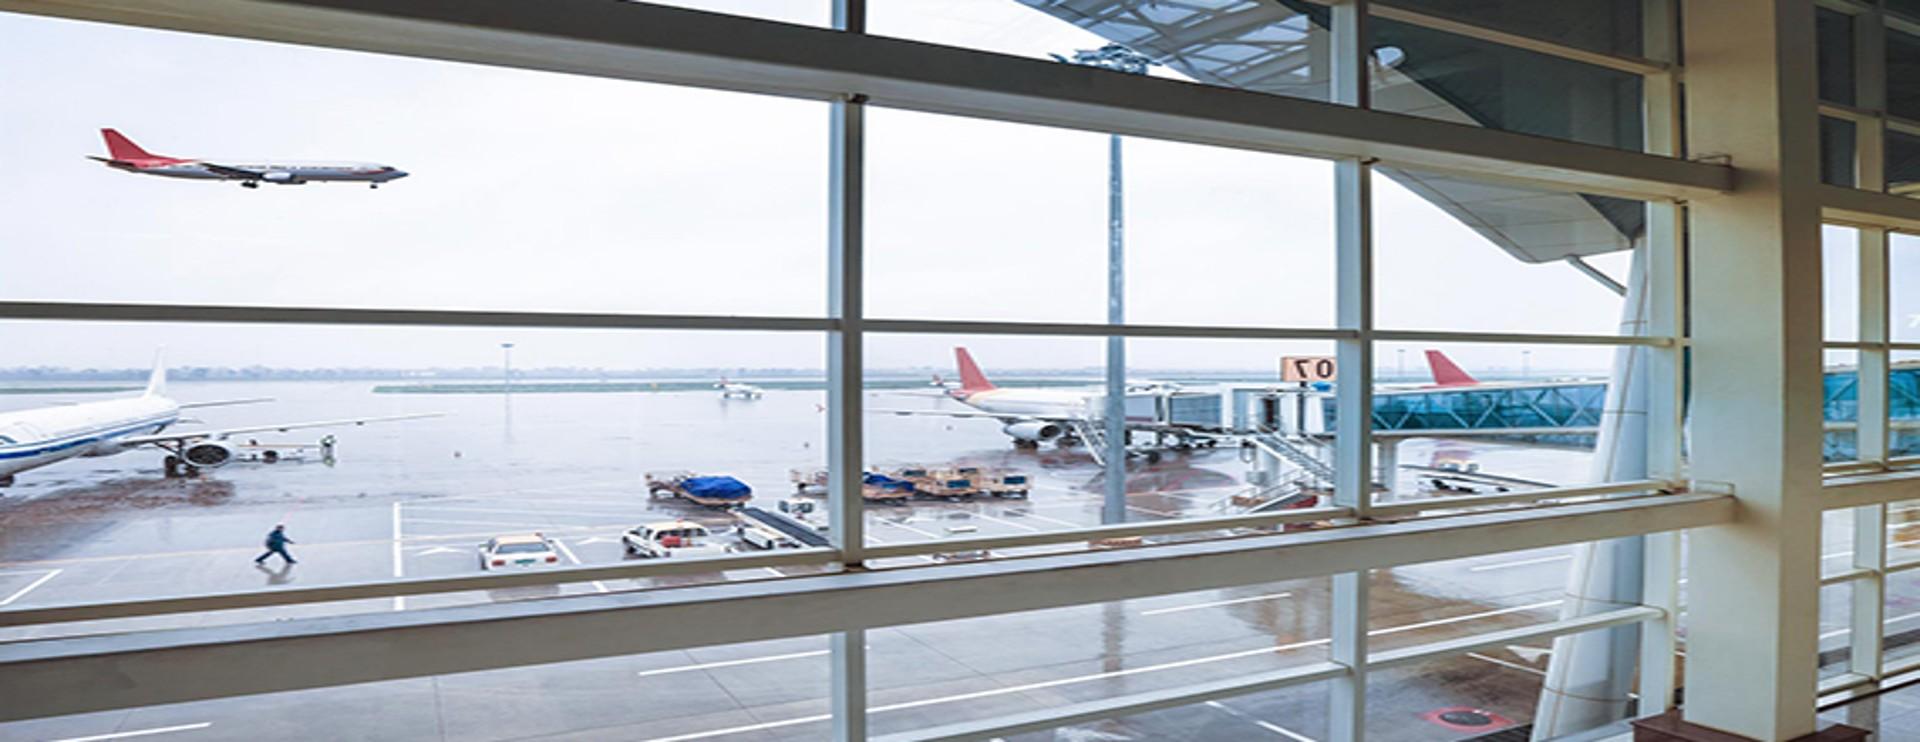 Vliegtuig op vliegveld